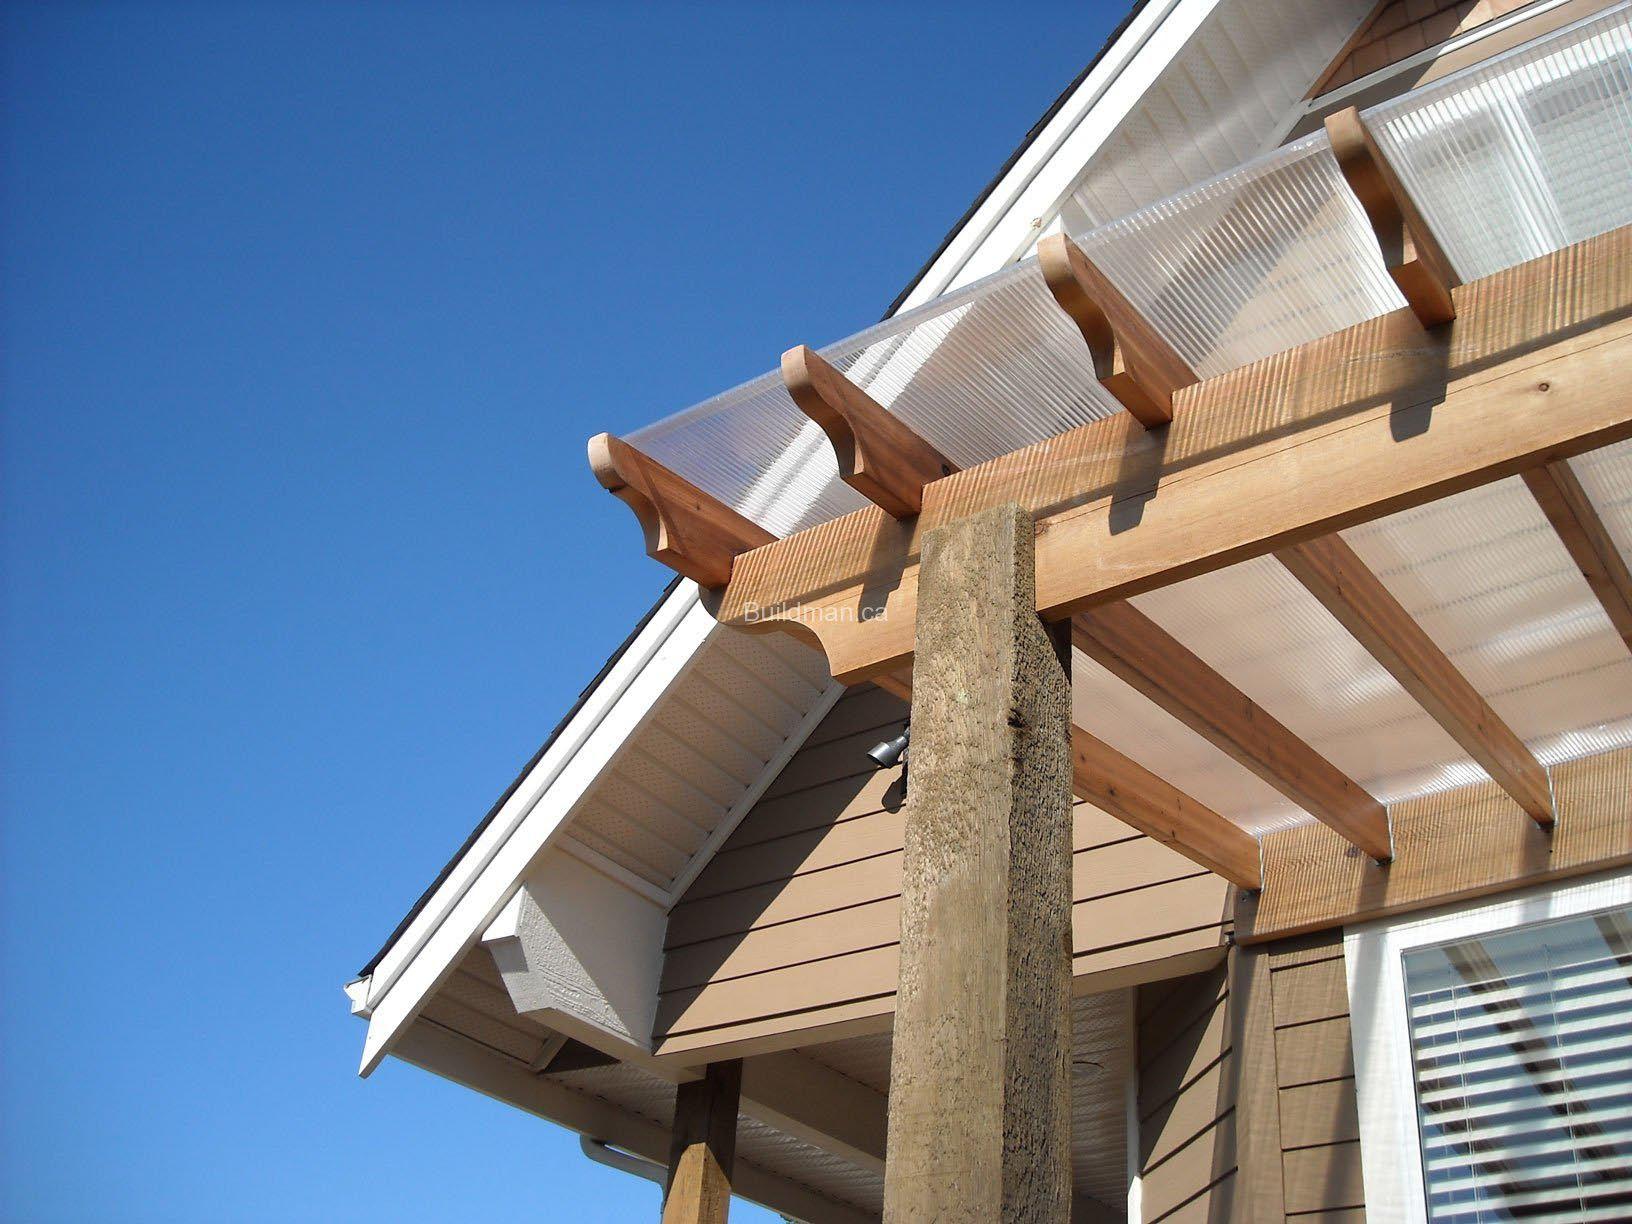 Pergola Roof Cover Materials Pergola Pergola With Roof